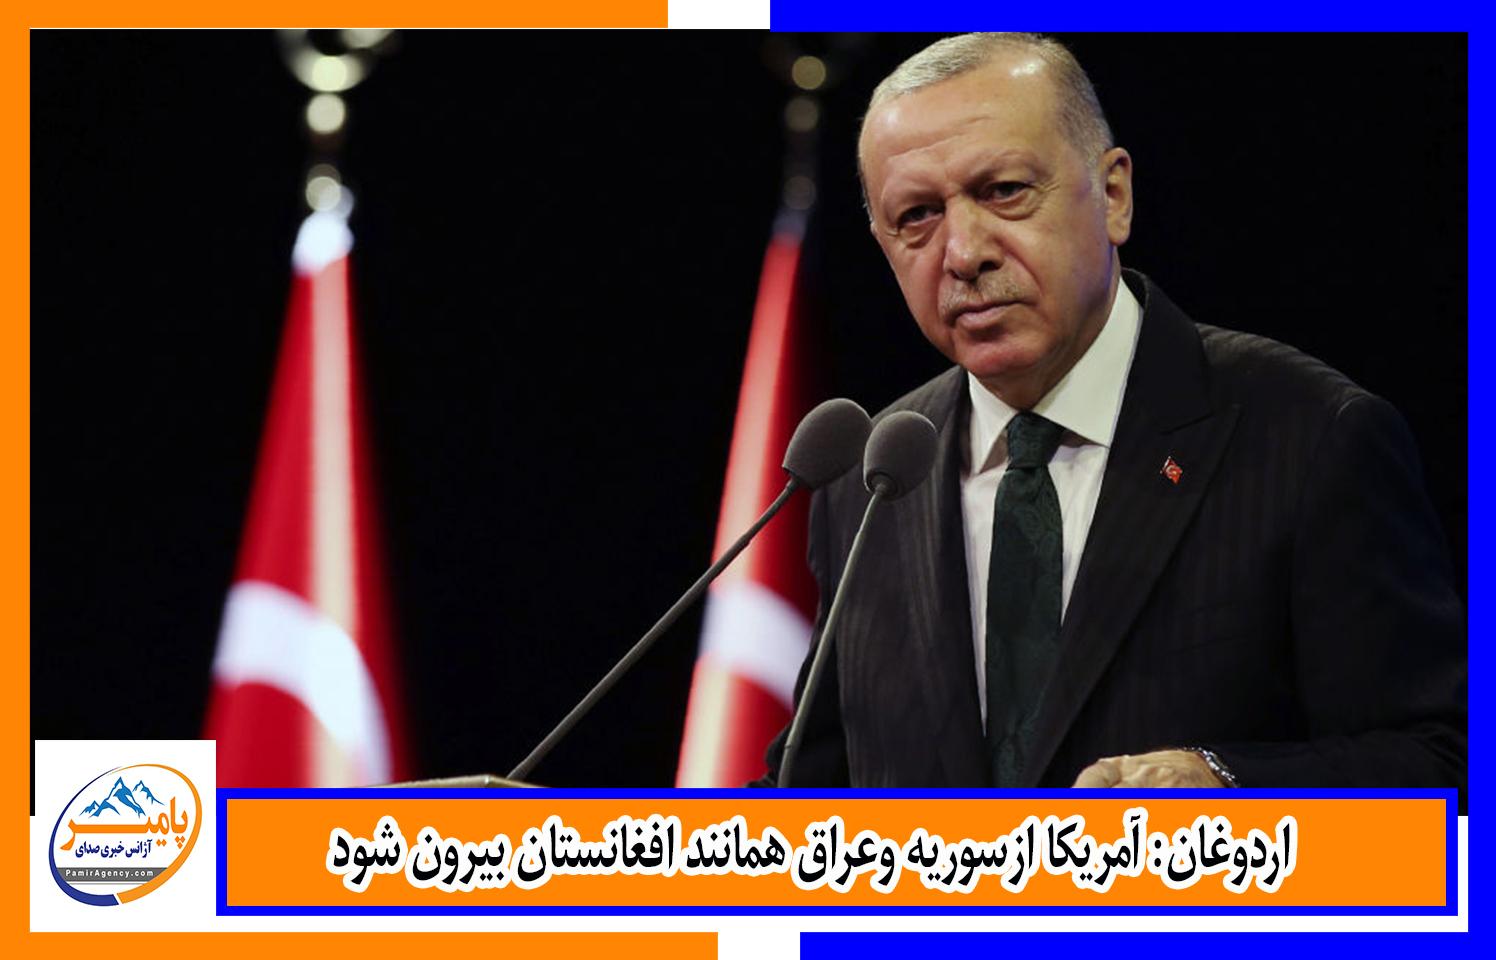 اردوغان: آمریکا ازسوریه وعراق همانند افغانستان بیرون شود